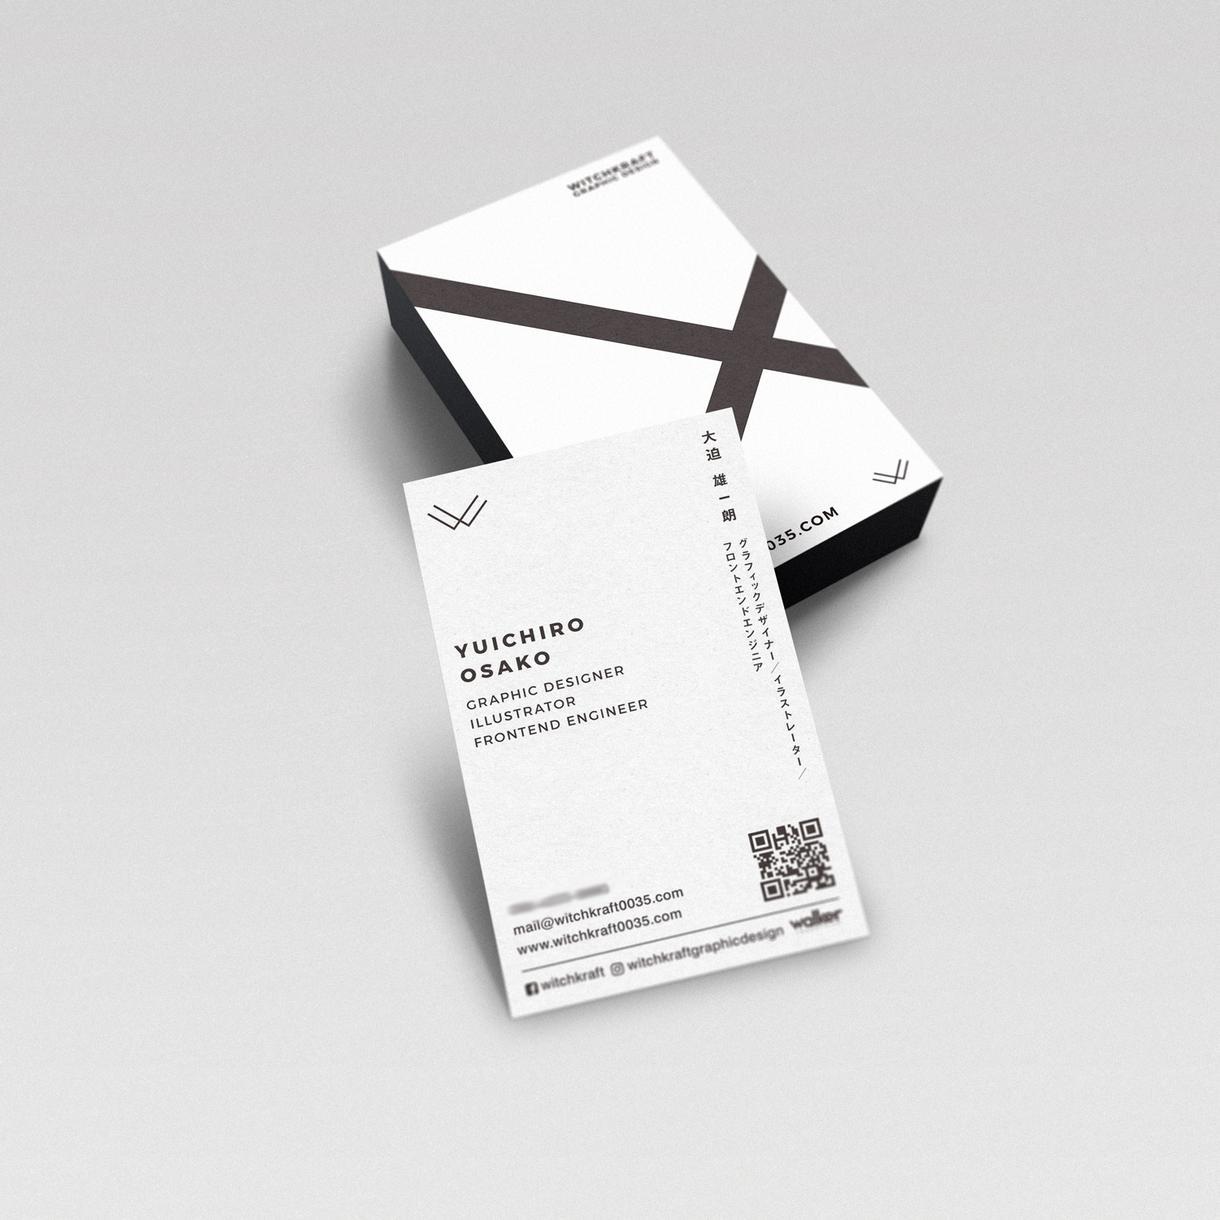 プロデザイナーがクールな名刺を制作します ハイセンスなシンプル名刺(両面)がこのお値段で。